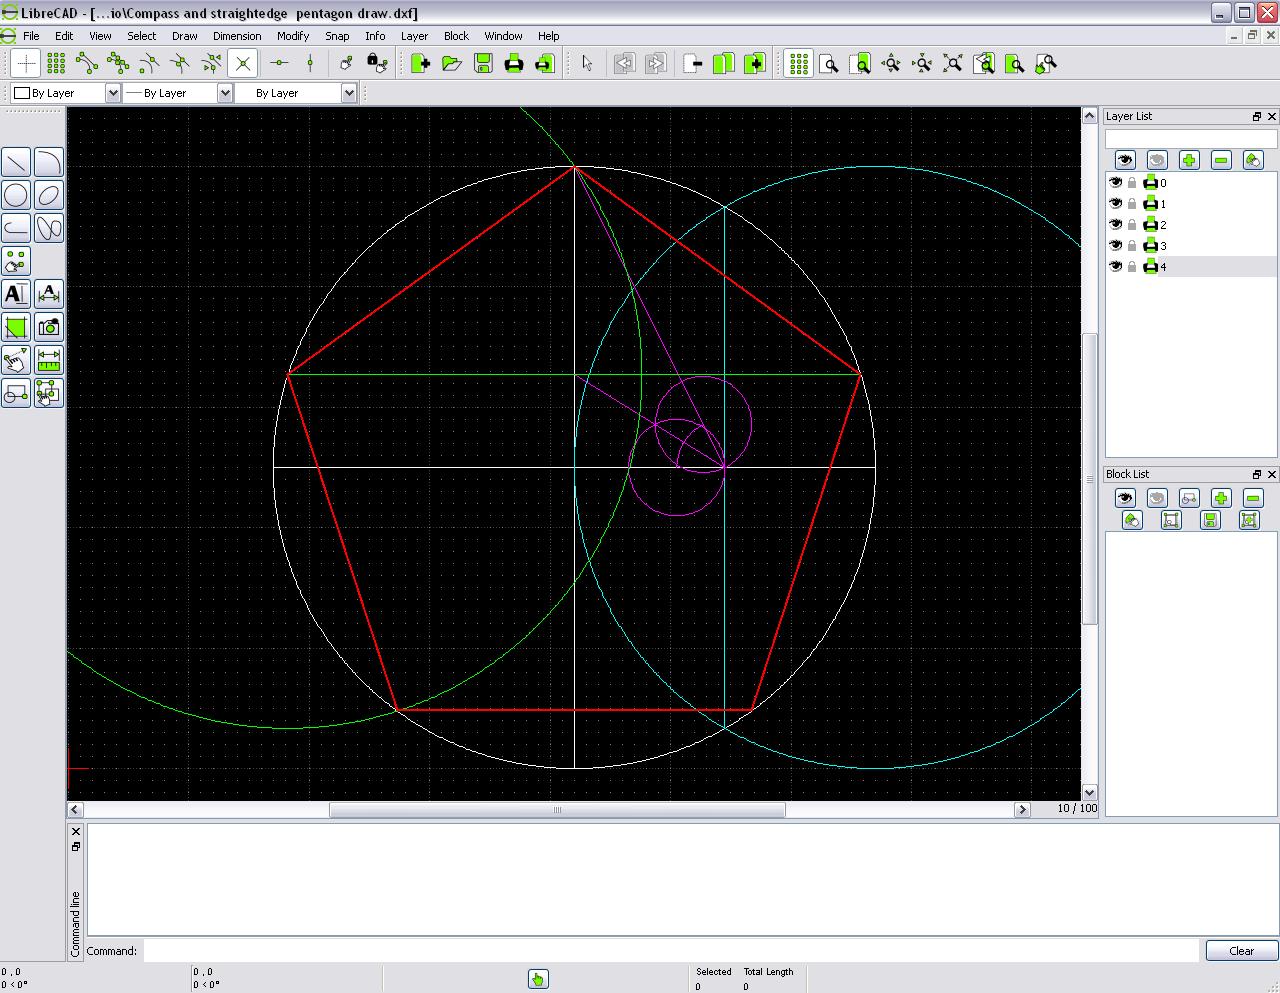 Programmi per disegno tecnico alternative gratis a autocad for Programmi per disegnare in 3d in italiano gratis